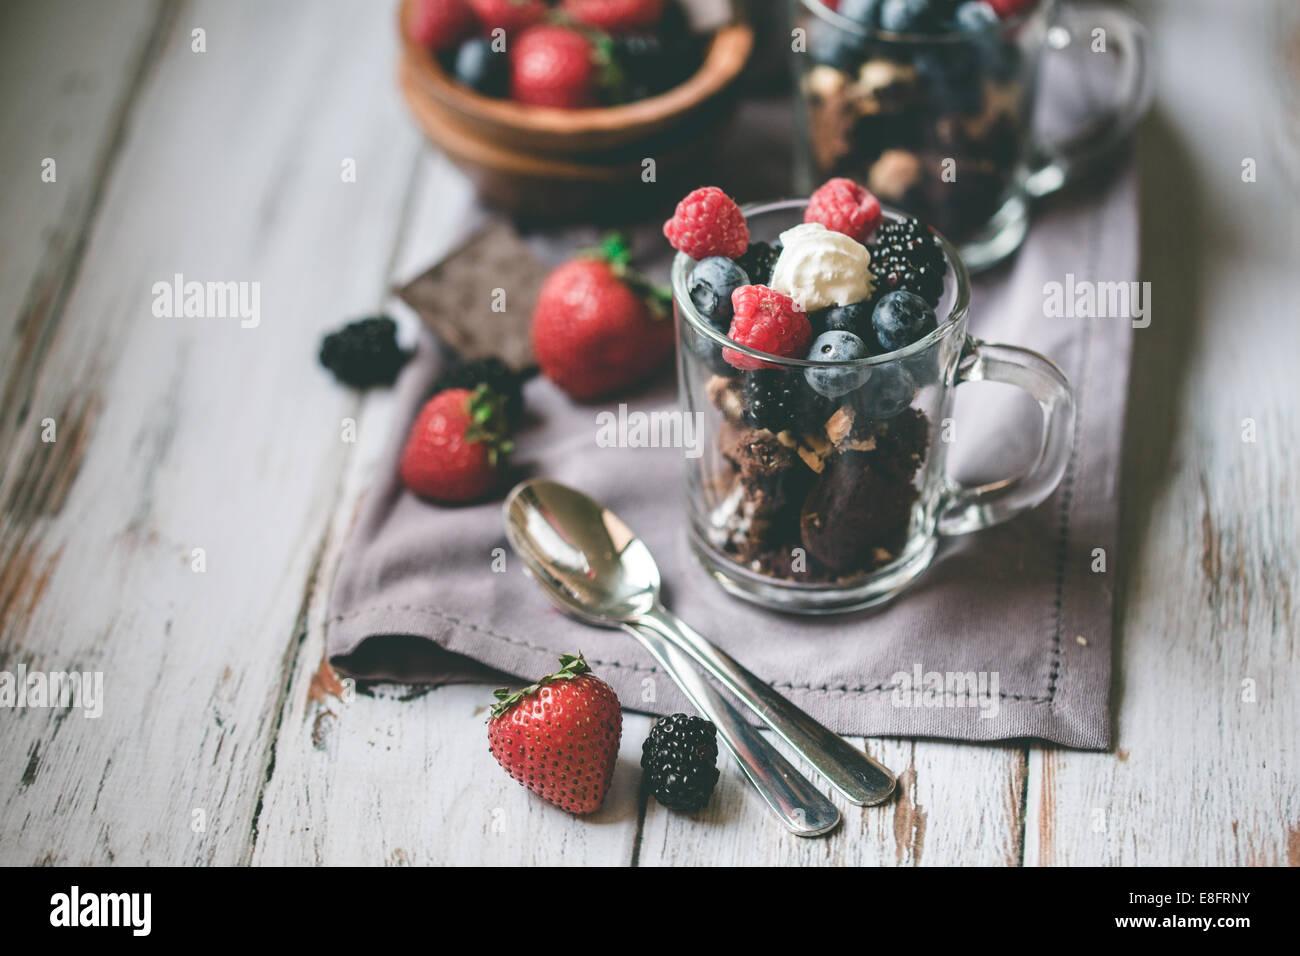 Chocolat, gâteaux, fruits rouges et crème Photo Stock